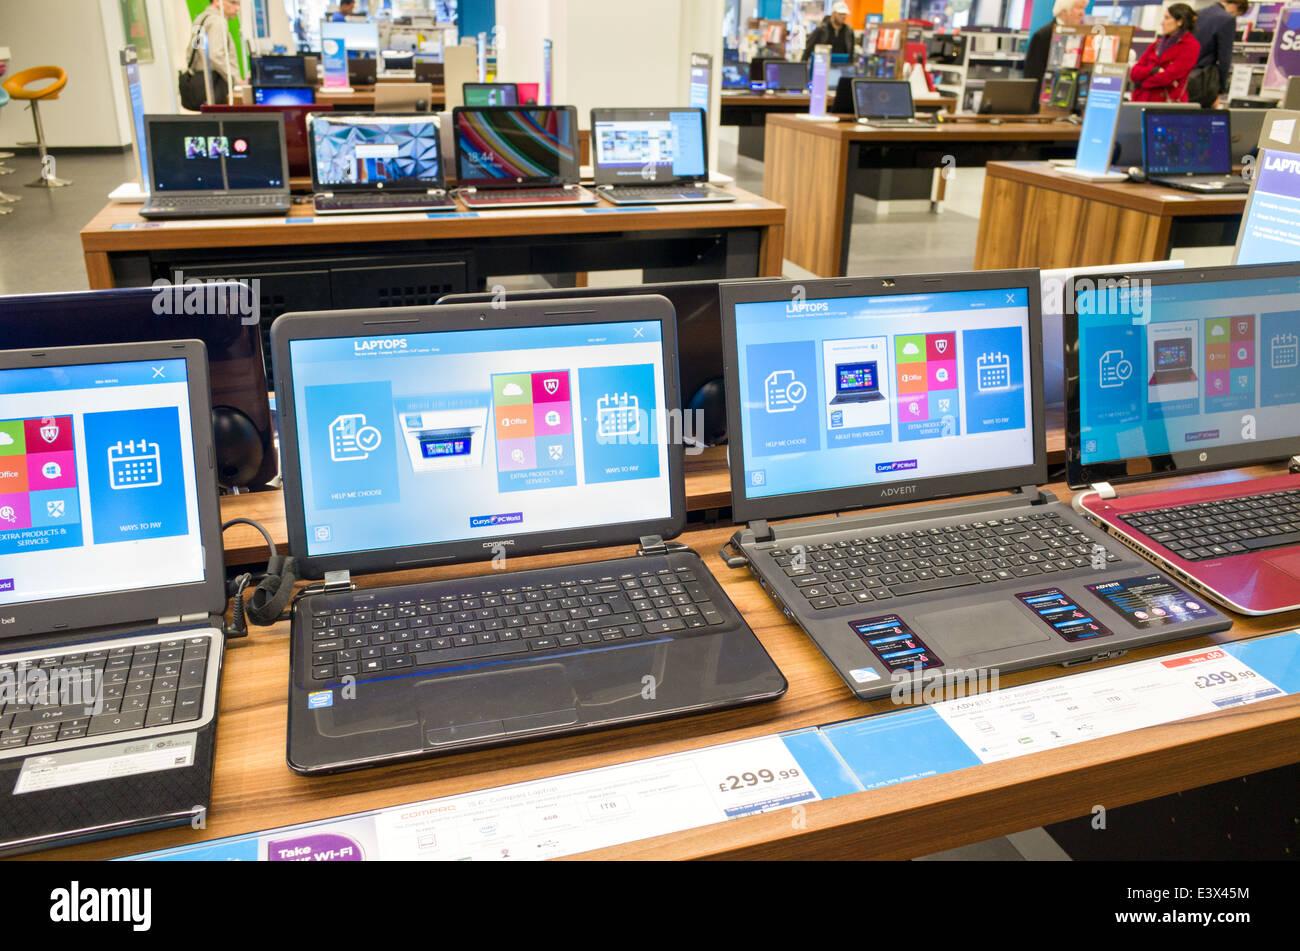 Ordenadores portátiles en pantalla en PC World, currys, Inglaterra, Reino Unido. Imagen De Stock